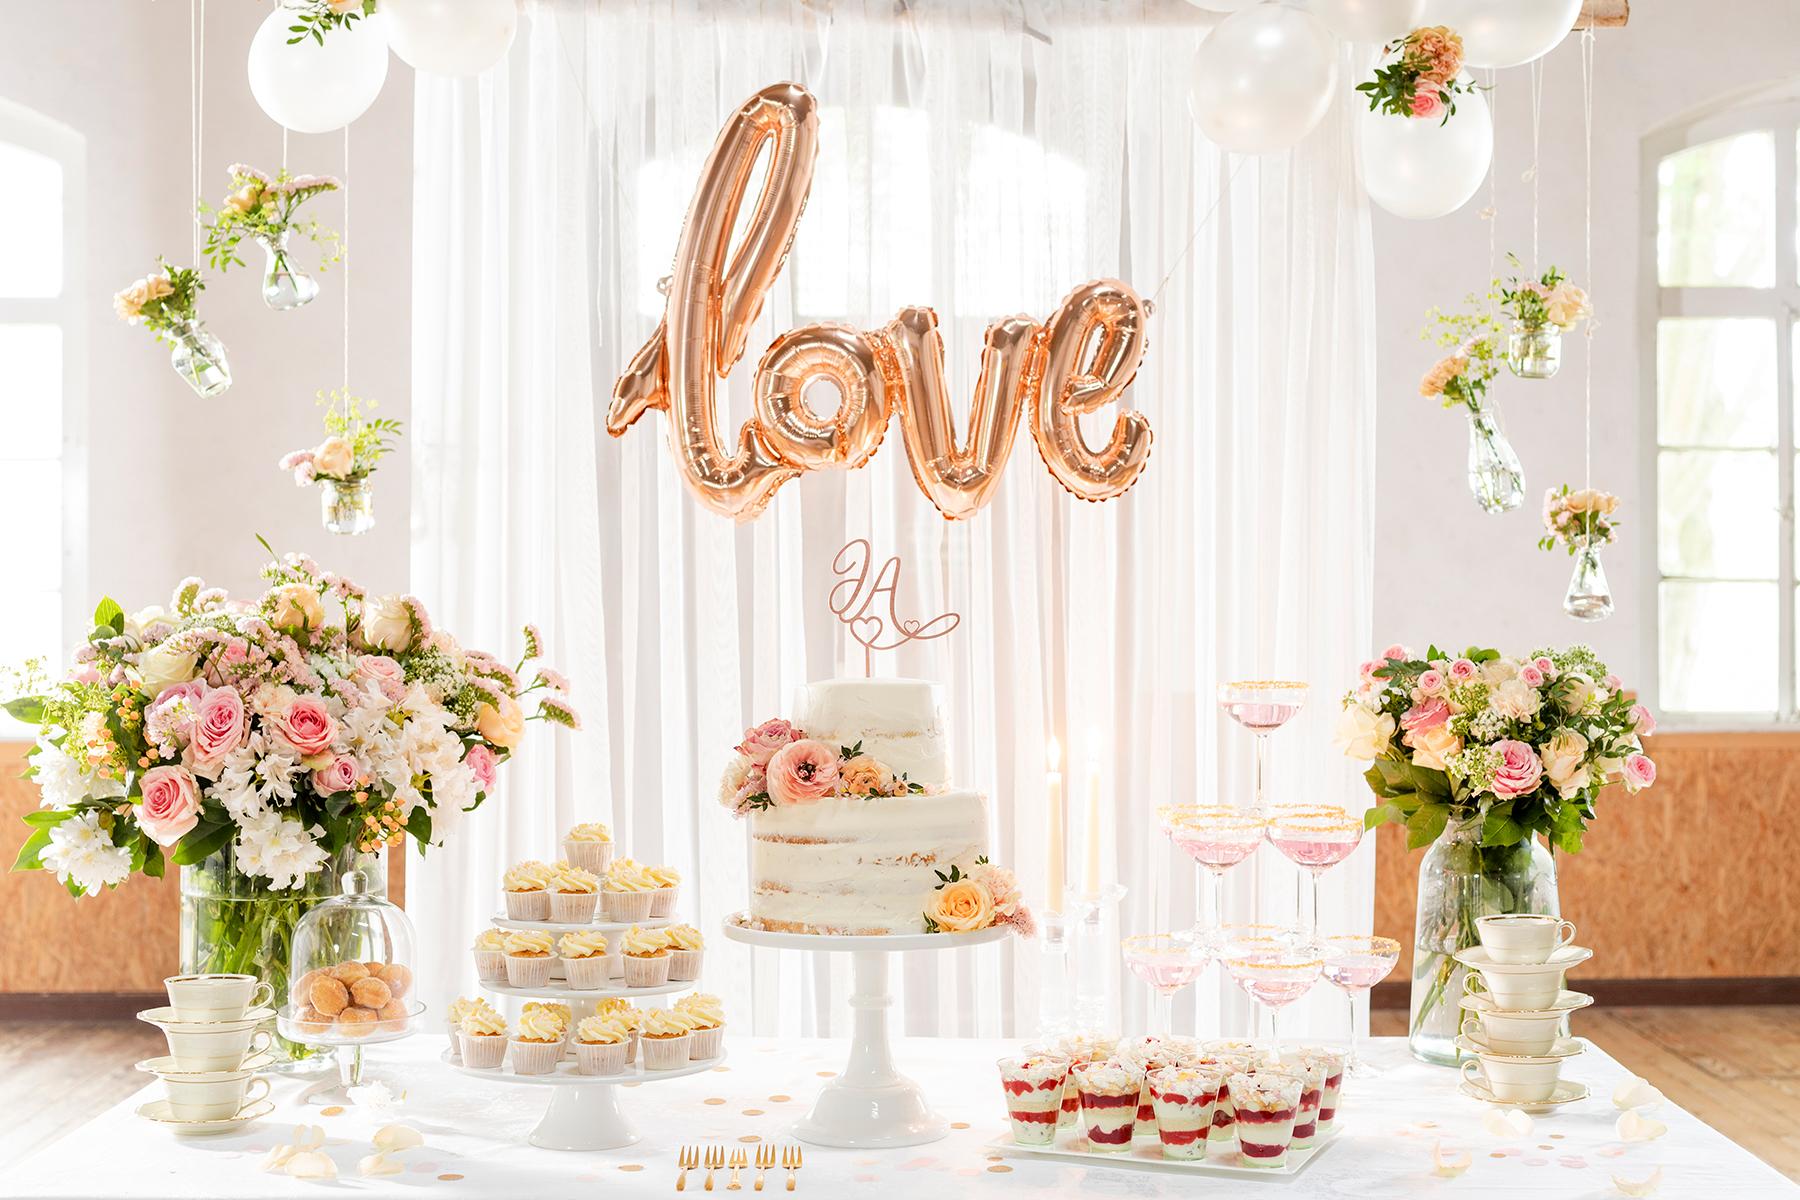 Sweet Table zur Hochzeit